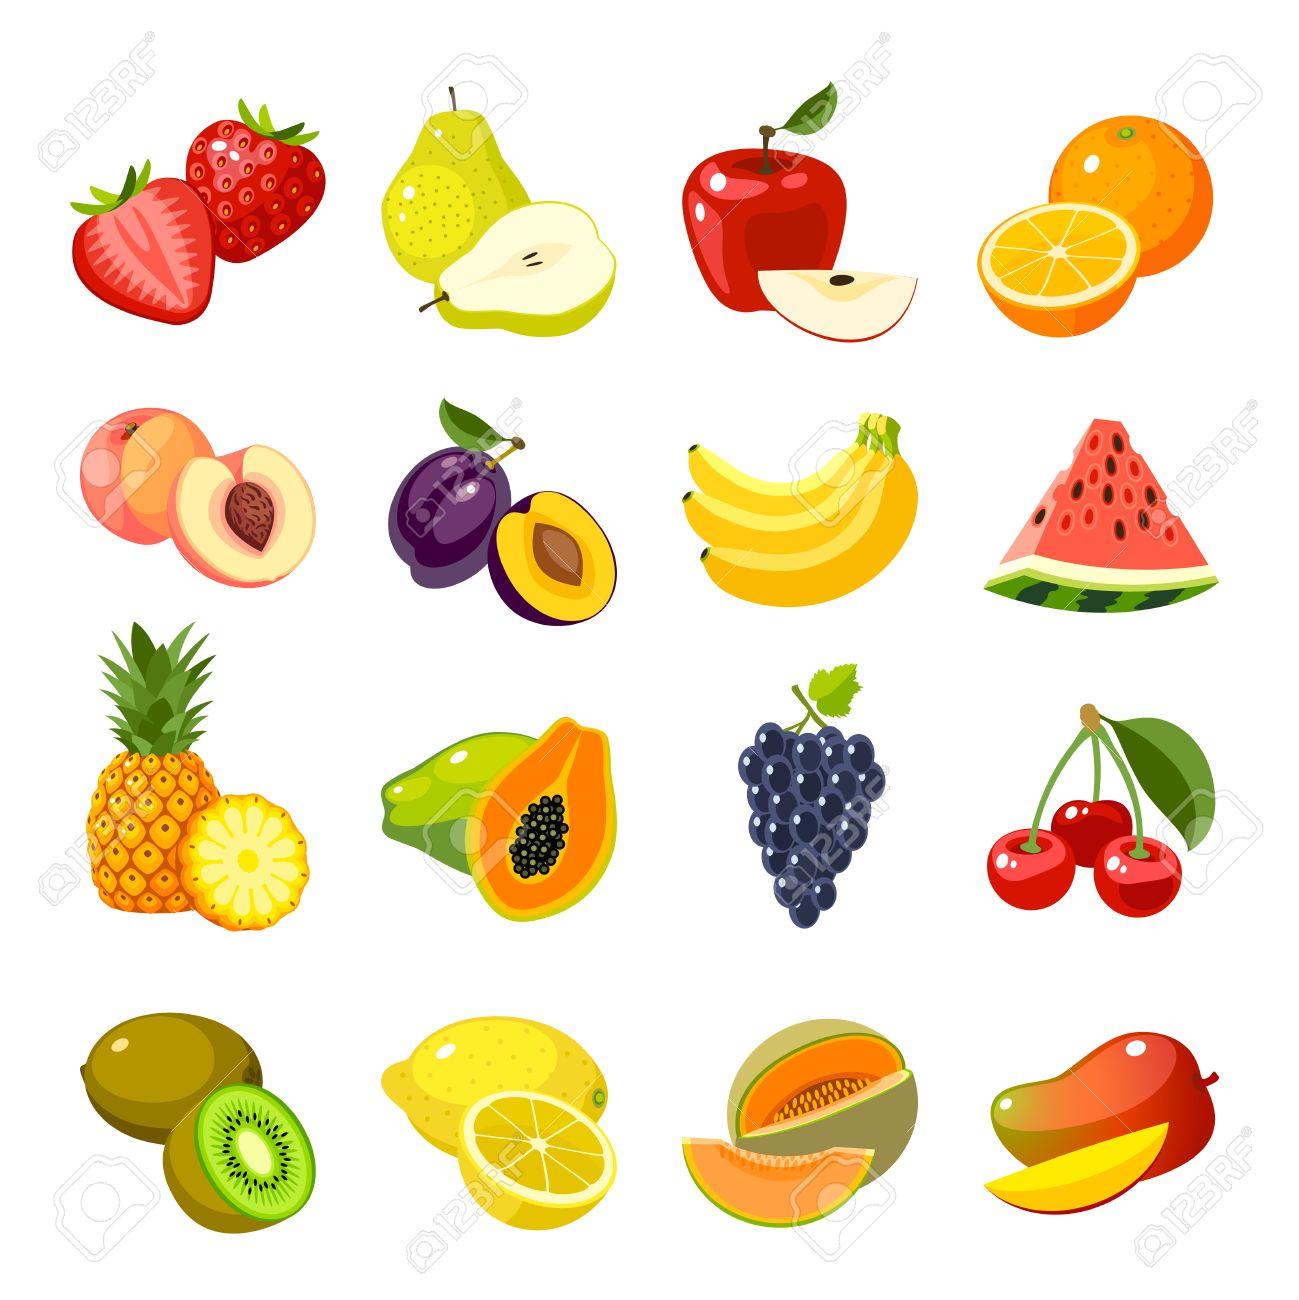 Ensemble De Fruits Icones De Dessin Anime Colore Fraise Icone